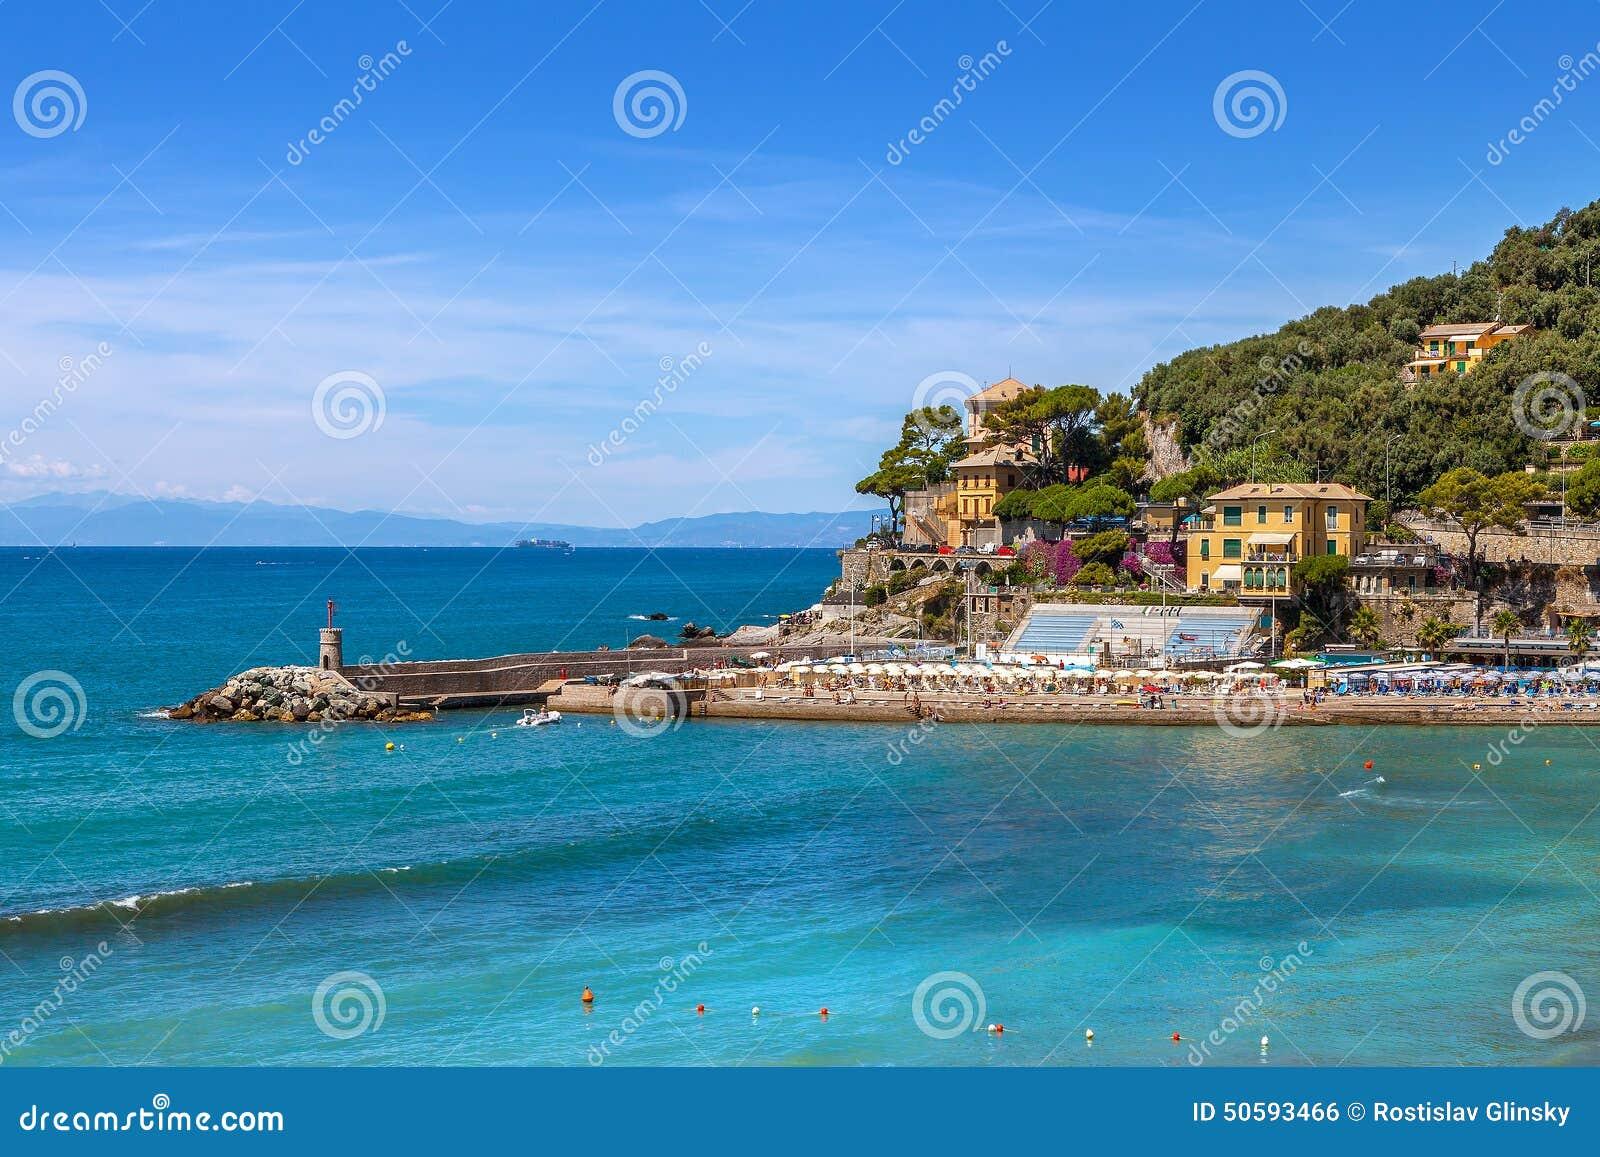 Ville de recco et de mer m diterran e en italie photo - Ville bord de mer mediterranee ...